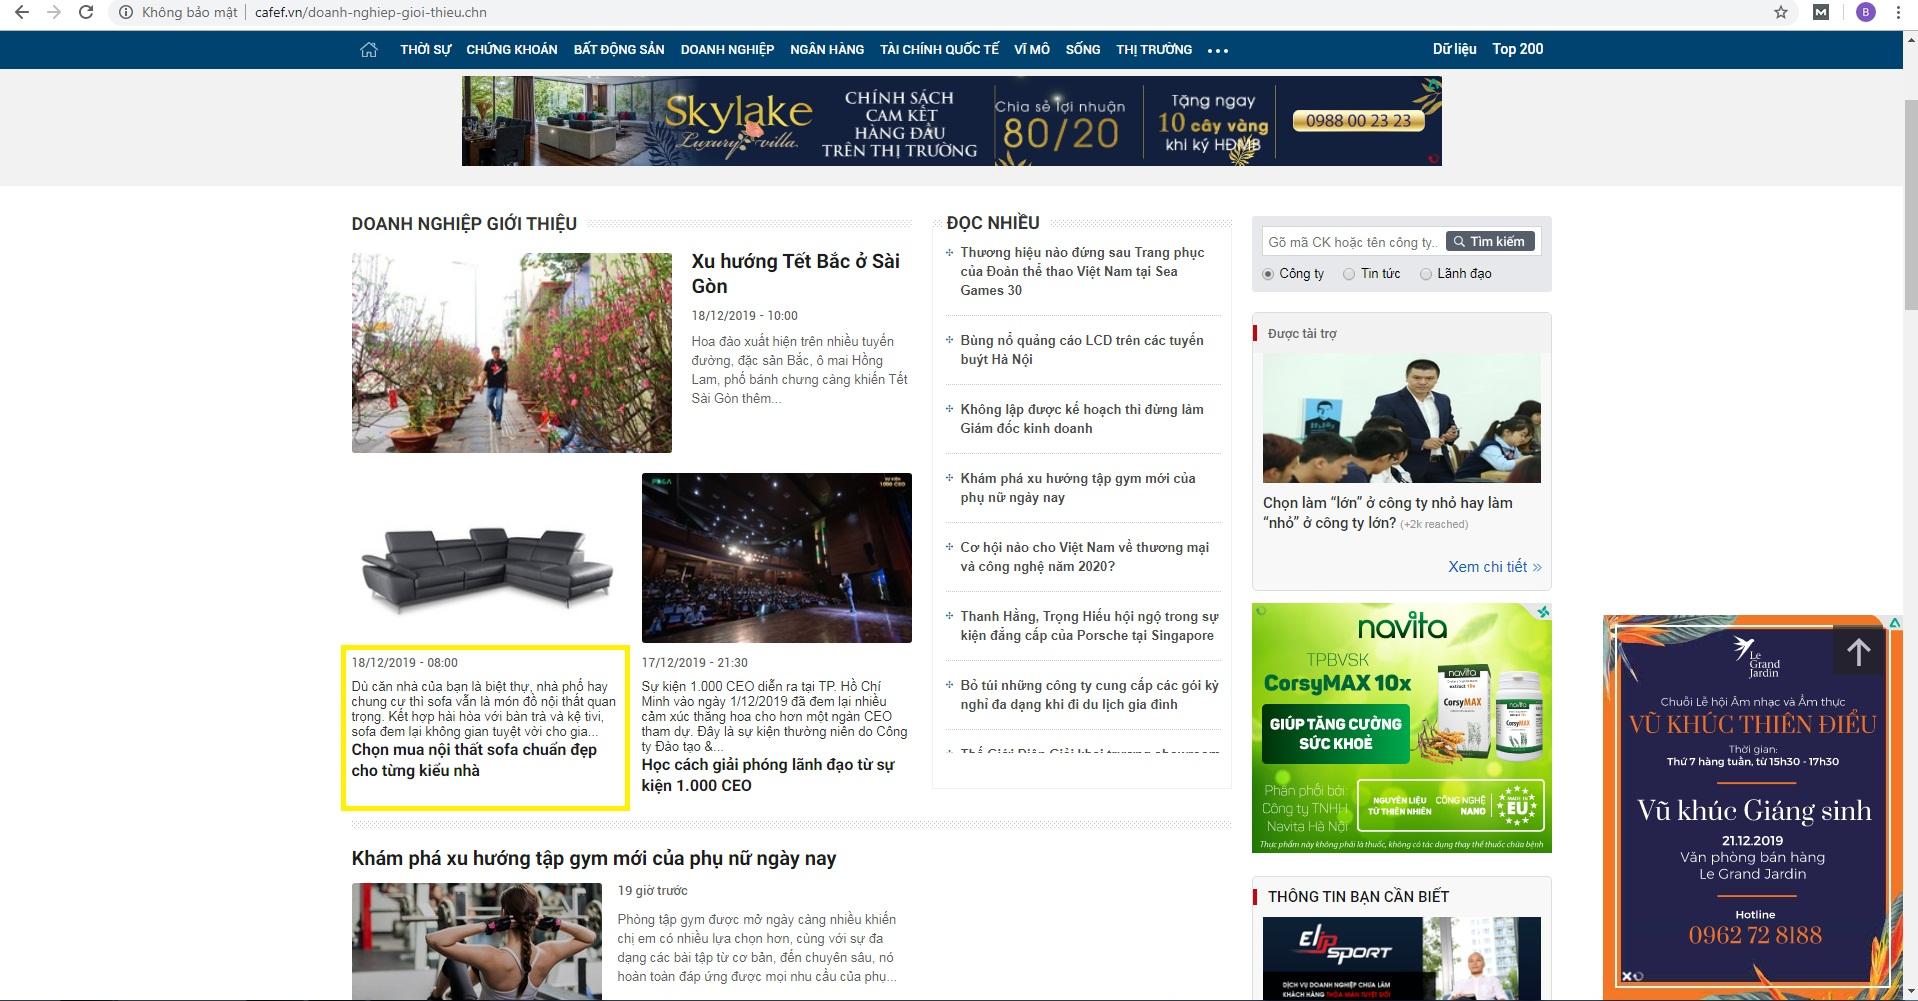 Brandcom đăng bài cho khách hàng trên CafeF.vn